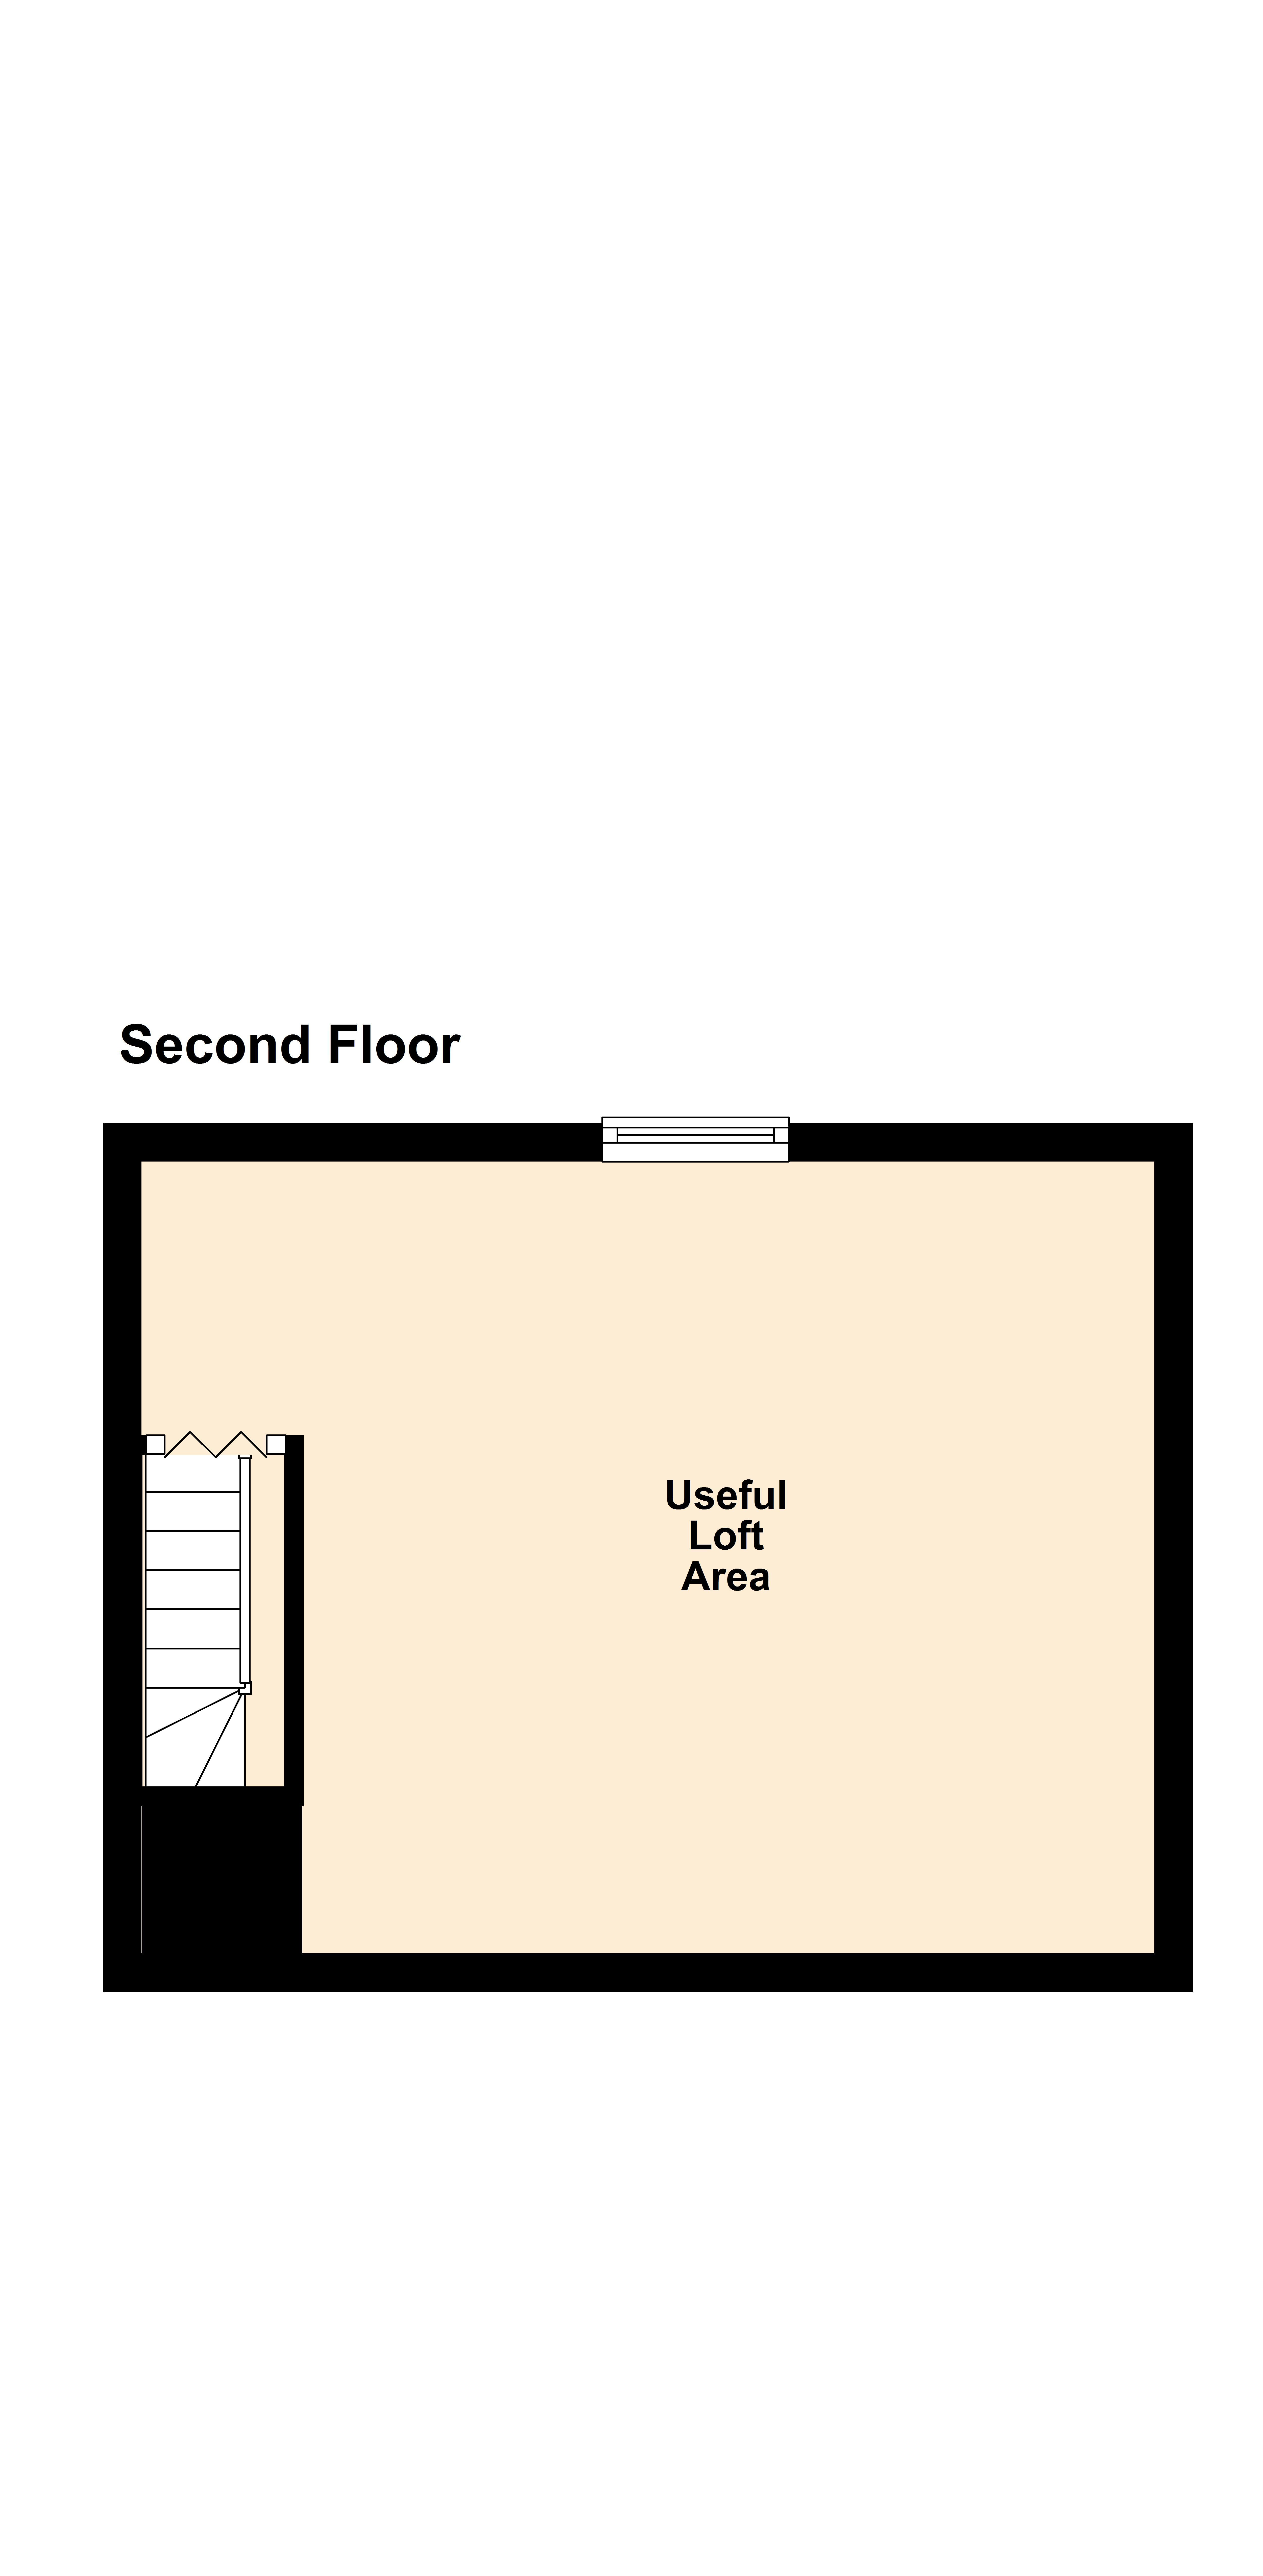 Useful Loft Area